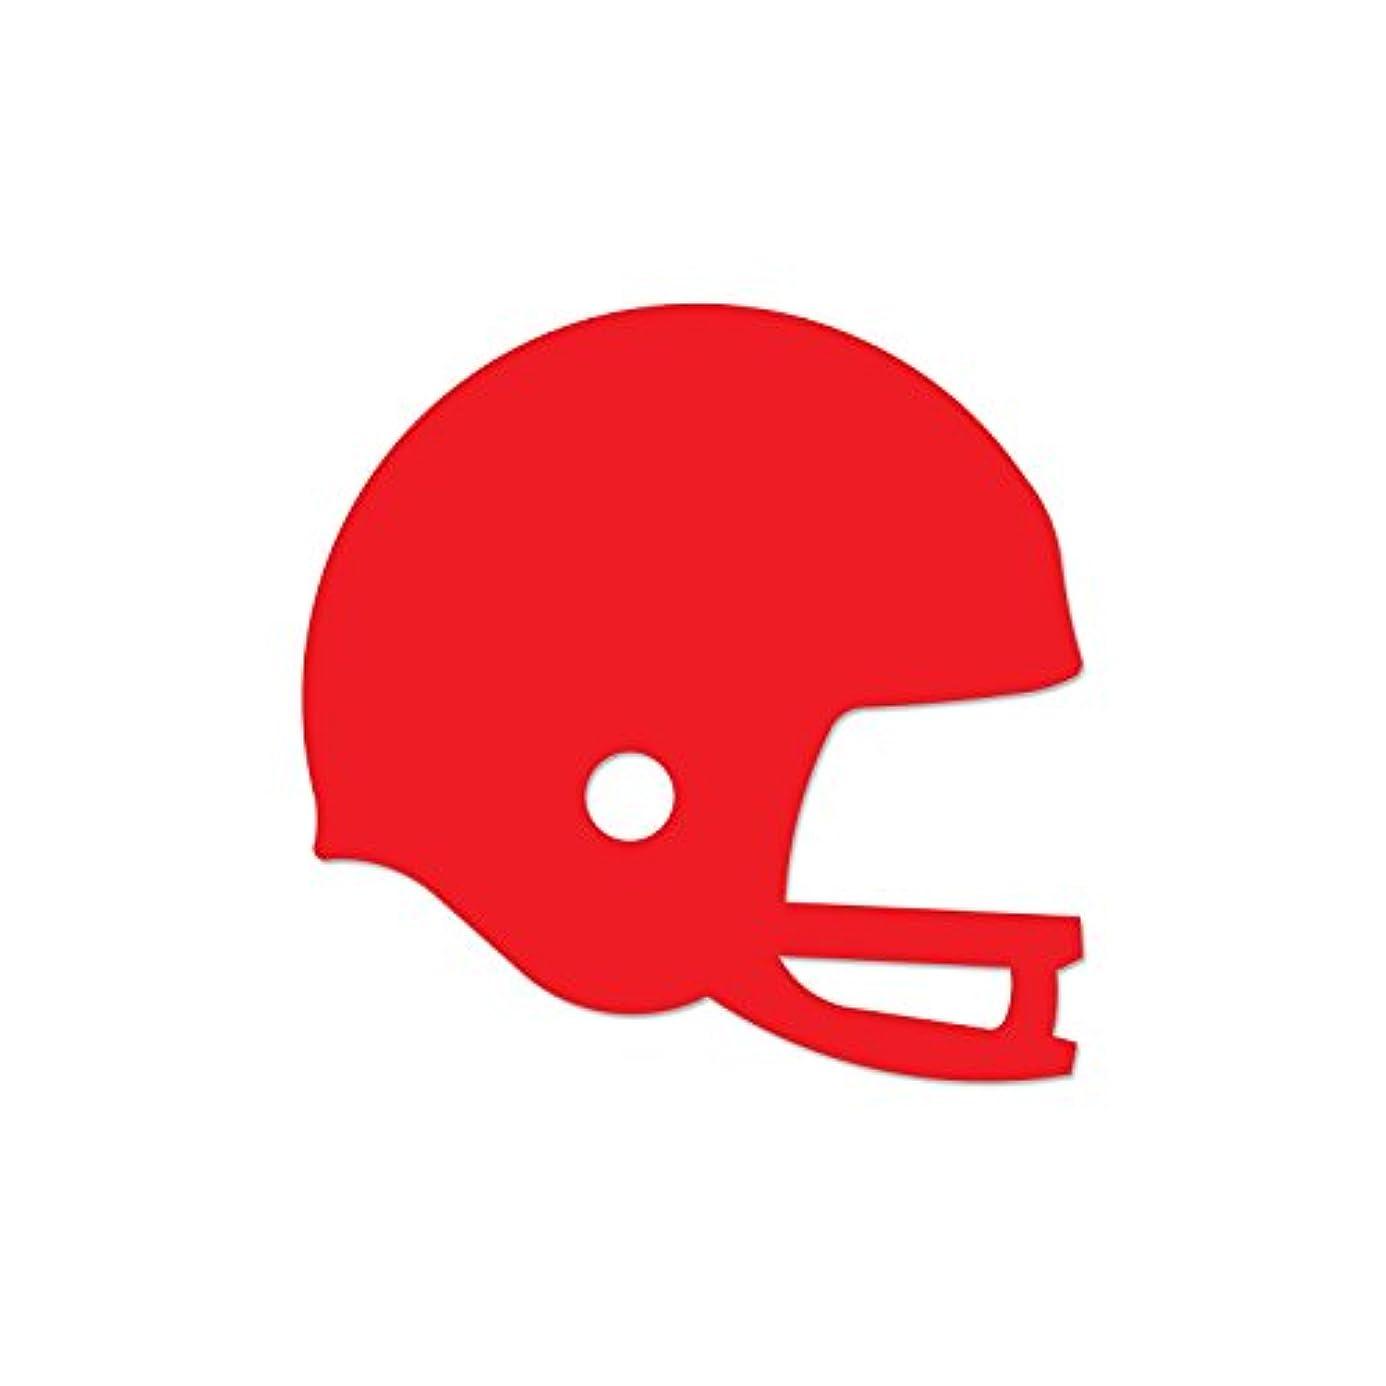 Ellison Football Helmet Sure Cut Die, Large eoq9952095